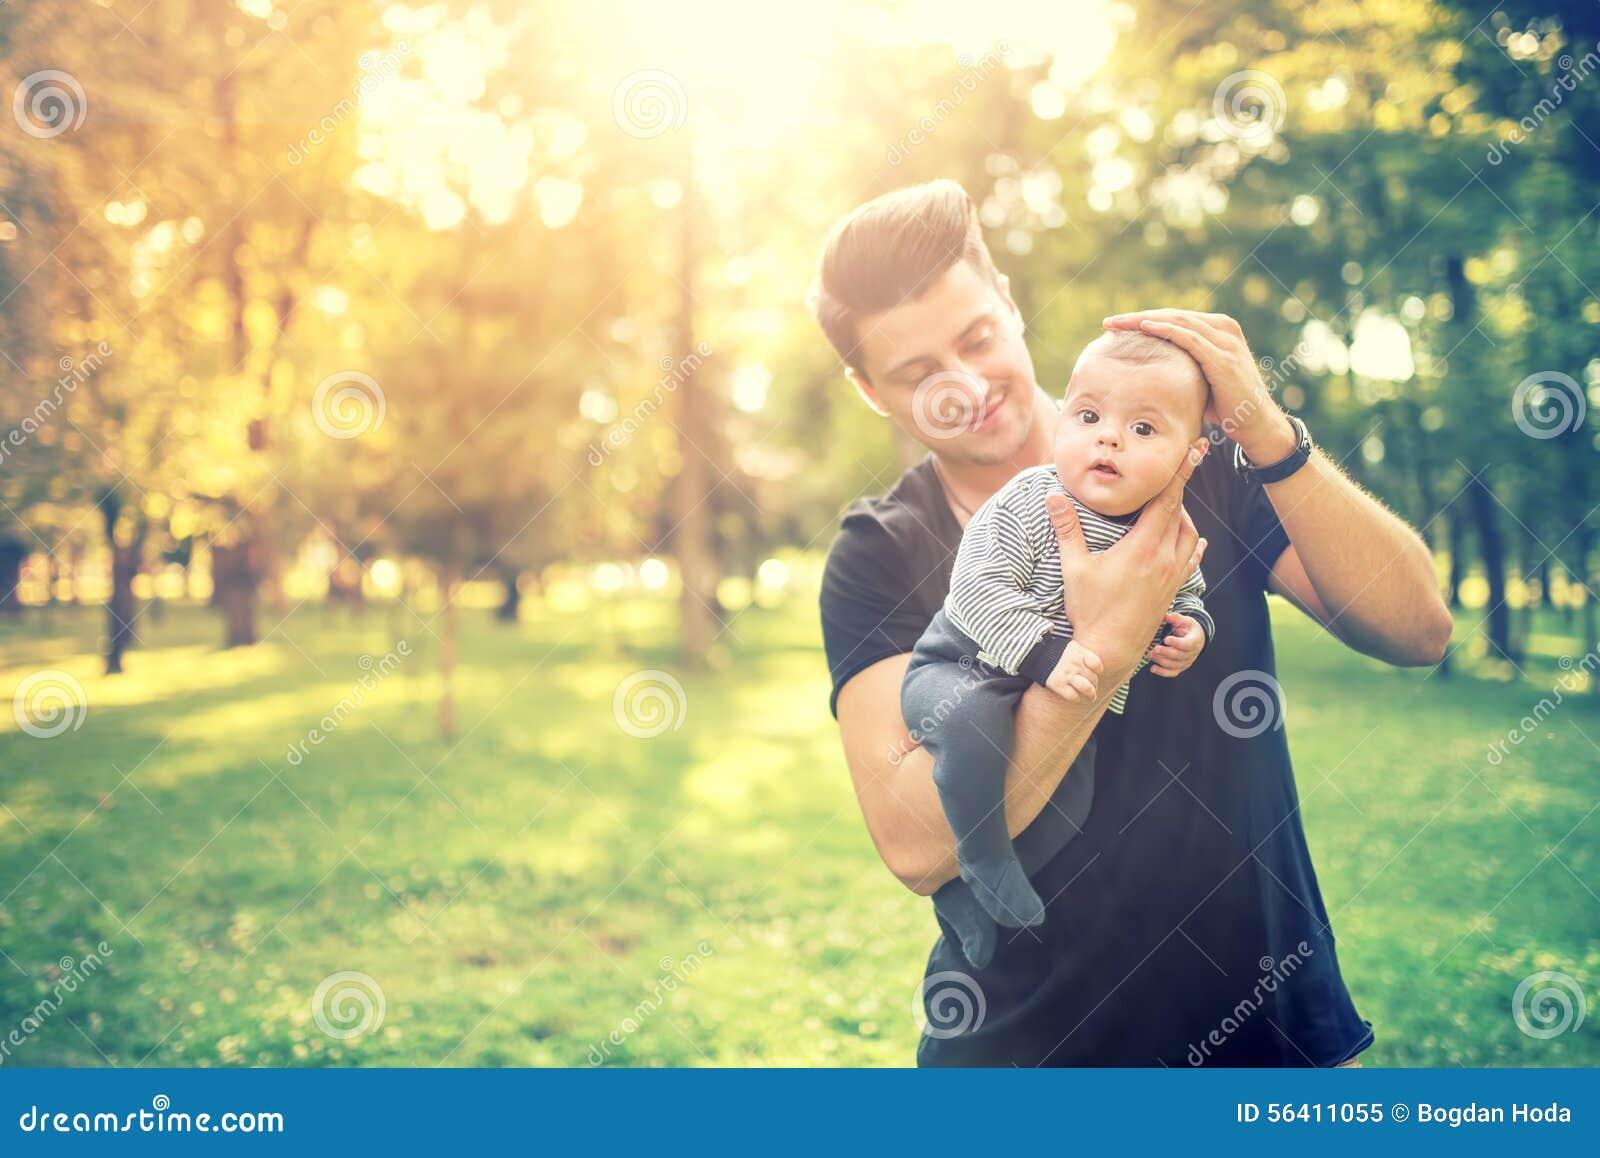 Junger Mann, Vater, der 3 Monate alte Kind hält und eine gute Zeit im Park hat Vater- und Sohnkonzept in der Natur